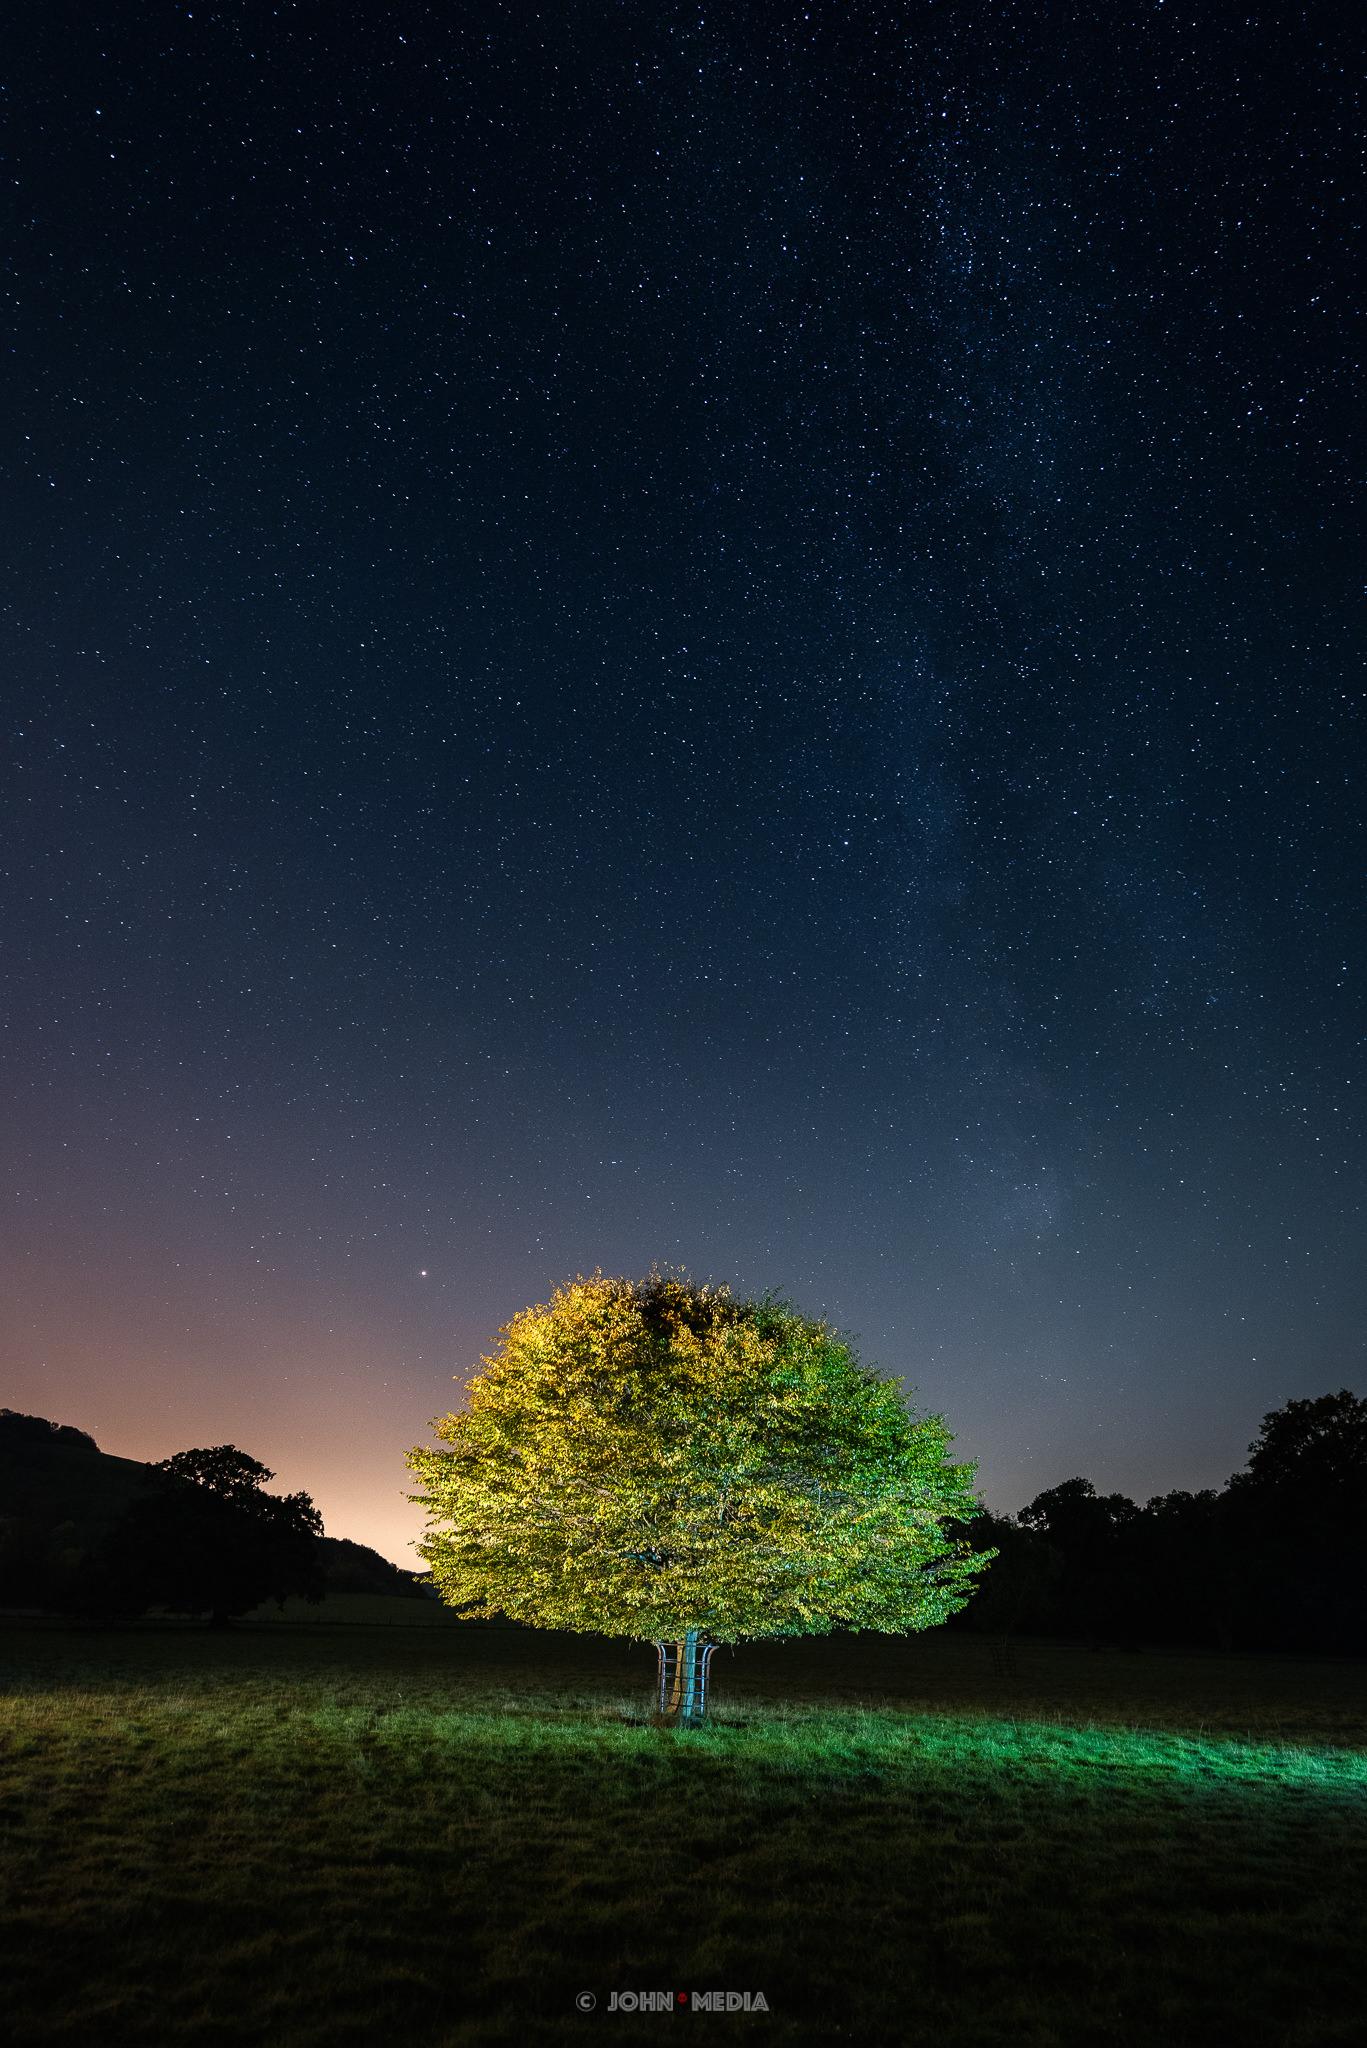 Astro tree